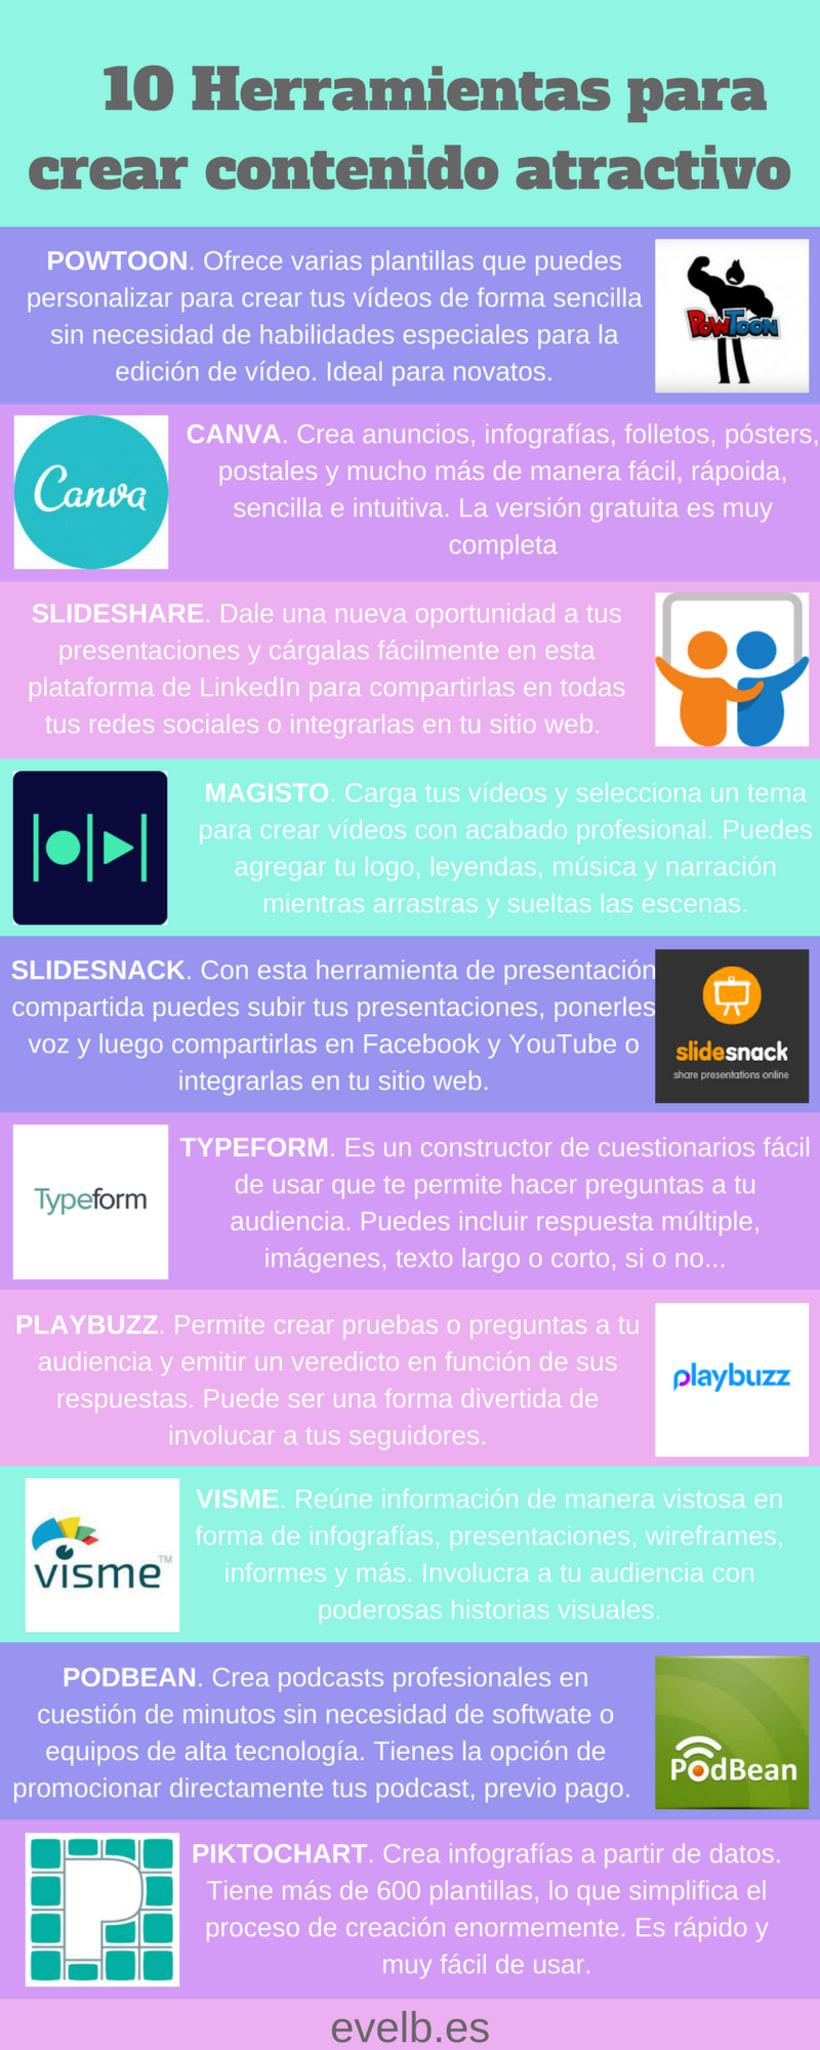 Infografías evelb.es 17